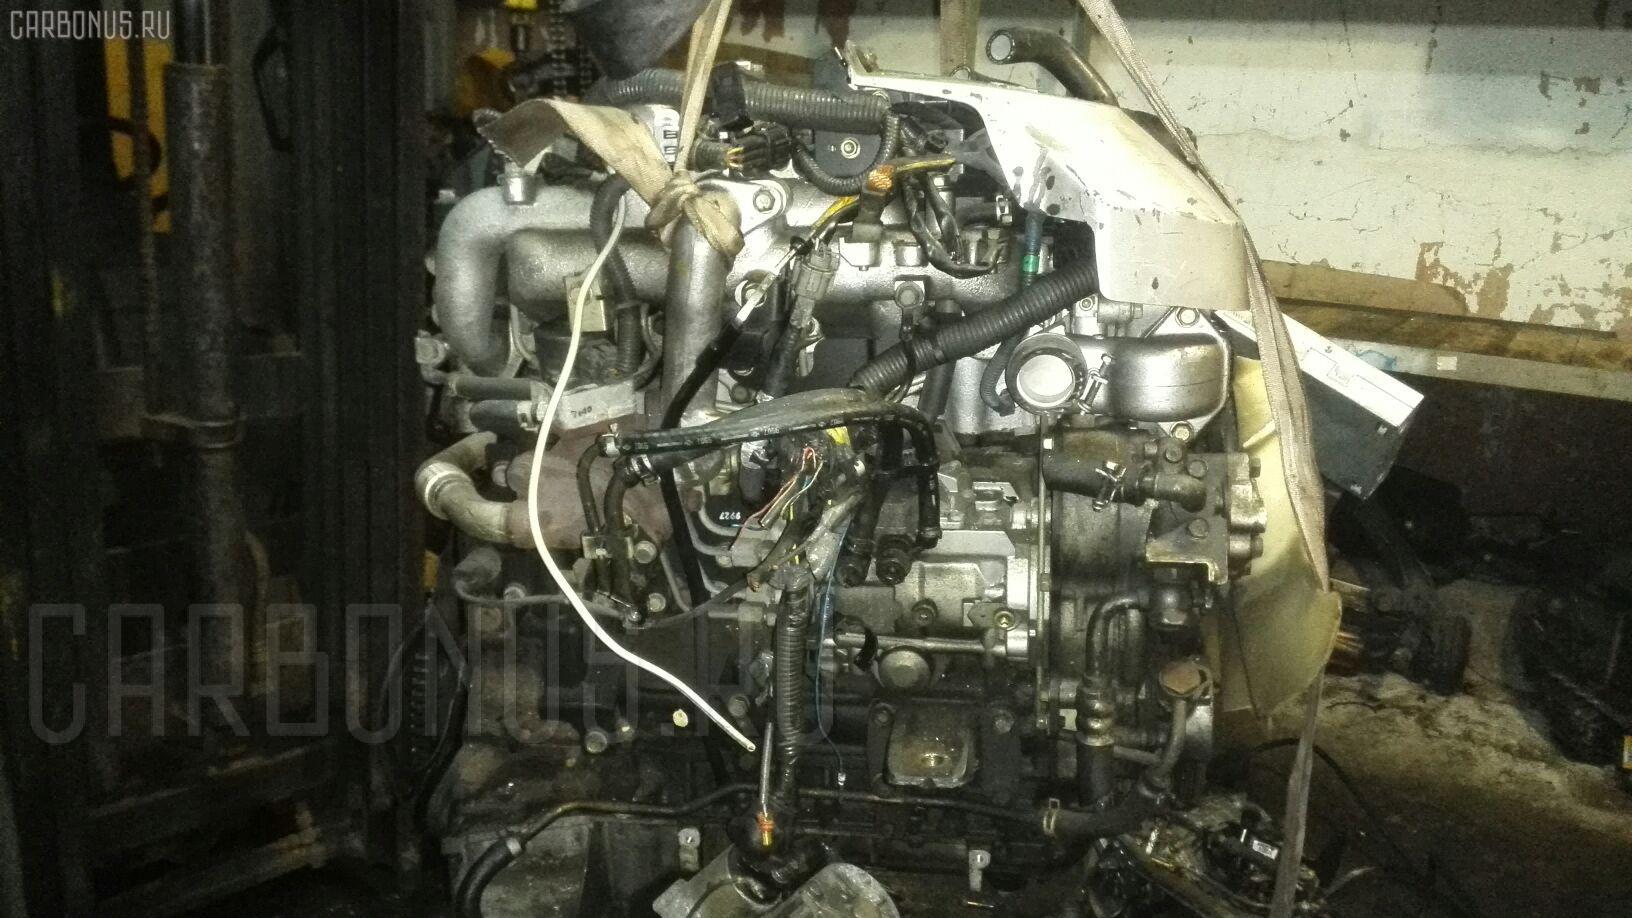 Двигатель NISSAN ELGRAND ATWE50 ZD30DDTI Фото 4